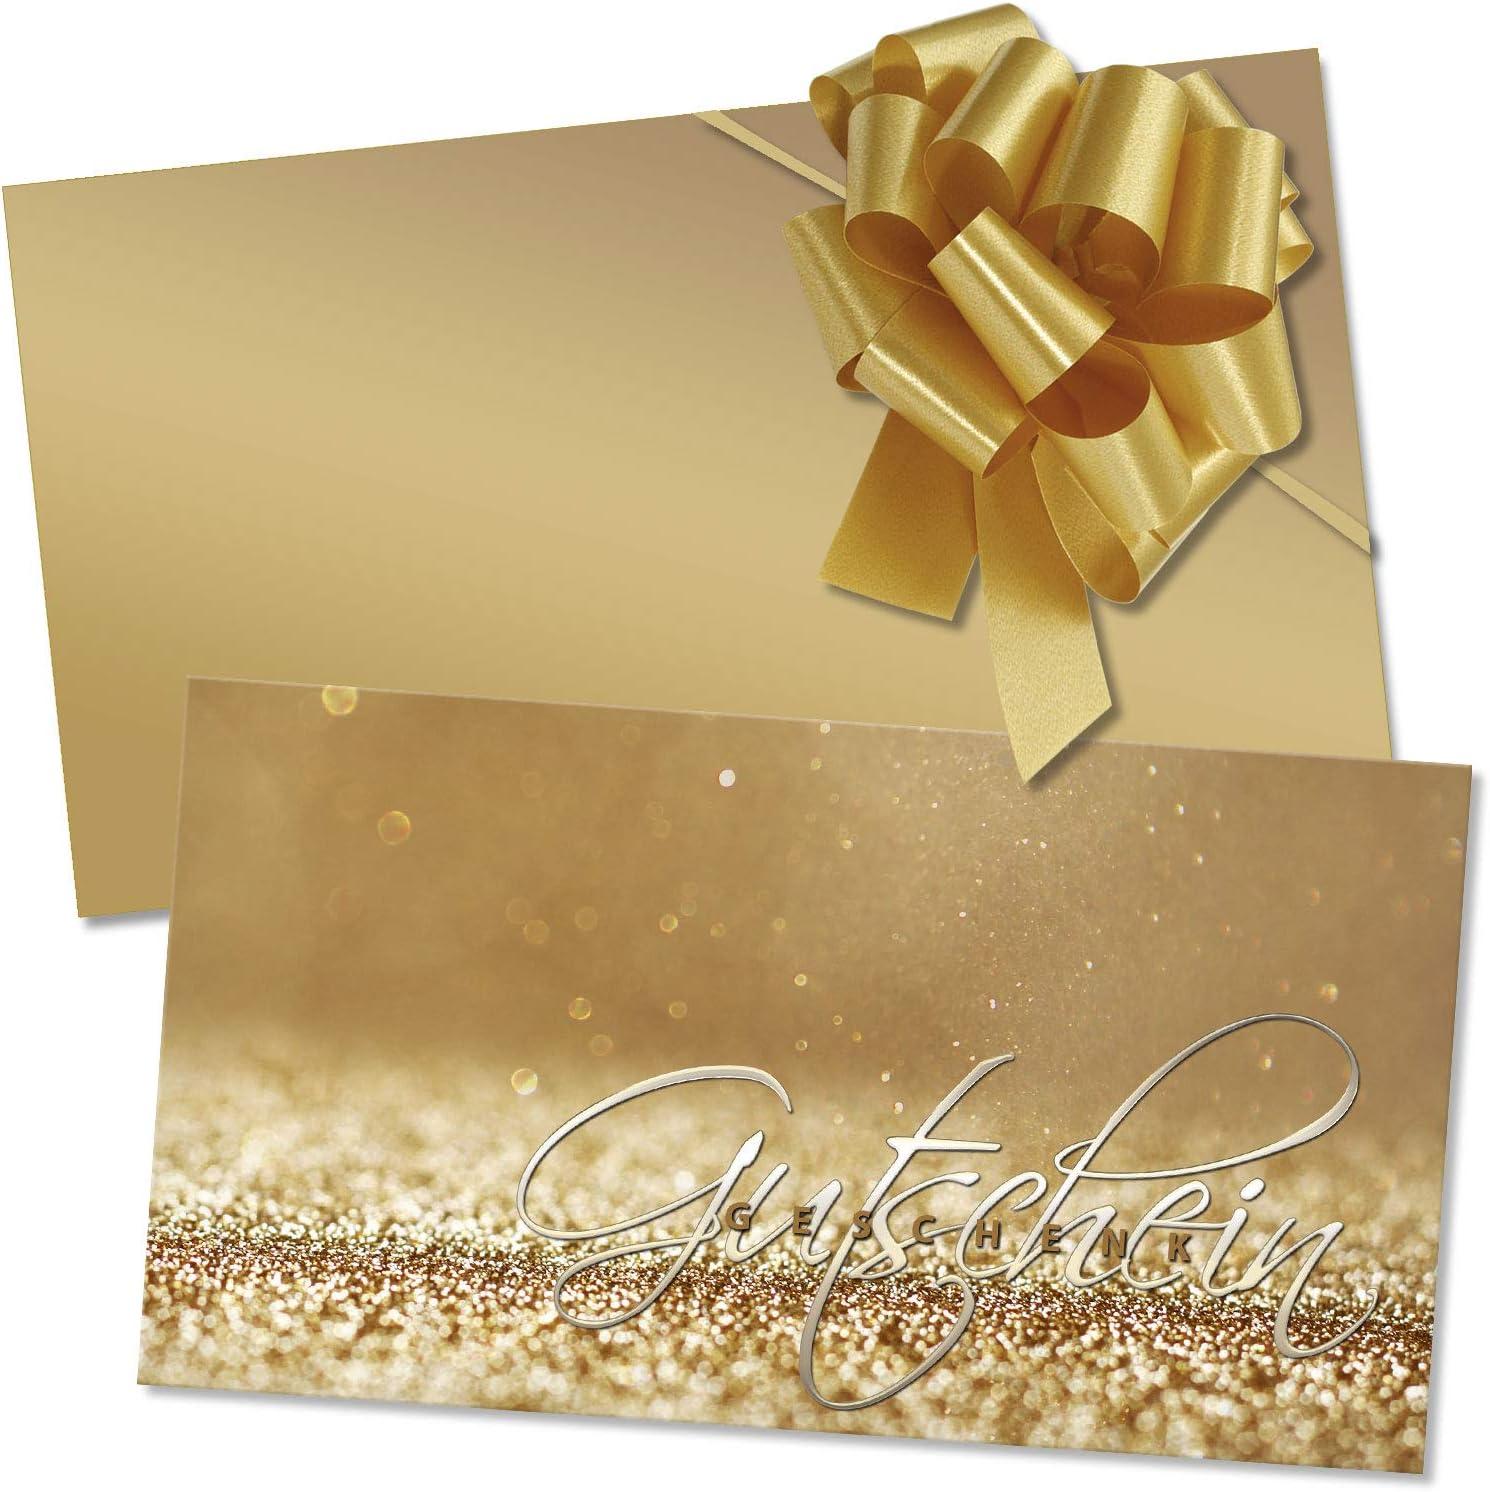 10 Kuverts Geschenkgutscheine f/ür Schmuckwaren Schmuckhandel Schmuckgesch/äft 10 Schleifen SC1263 10 Gutscheinkarten Vorderseite gl/änzend